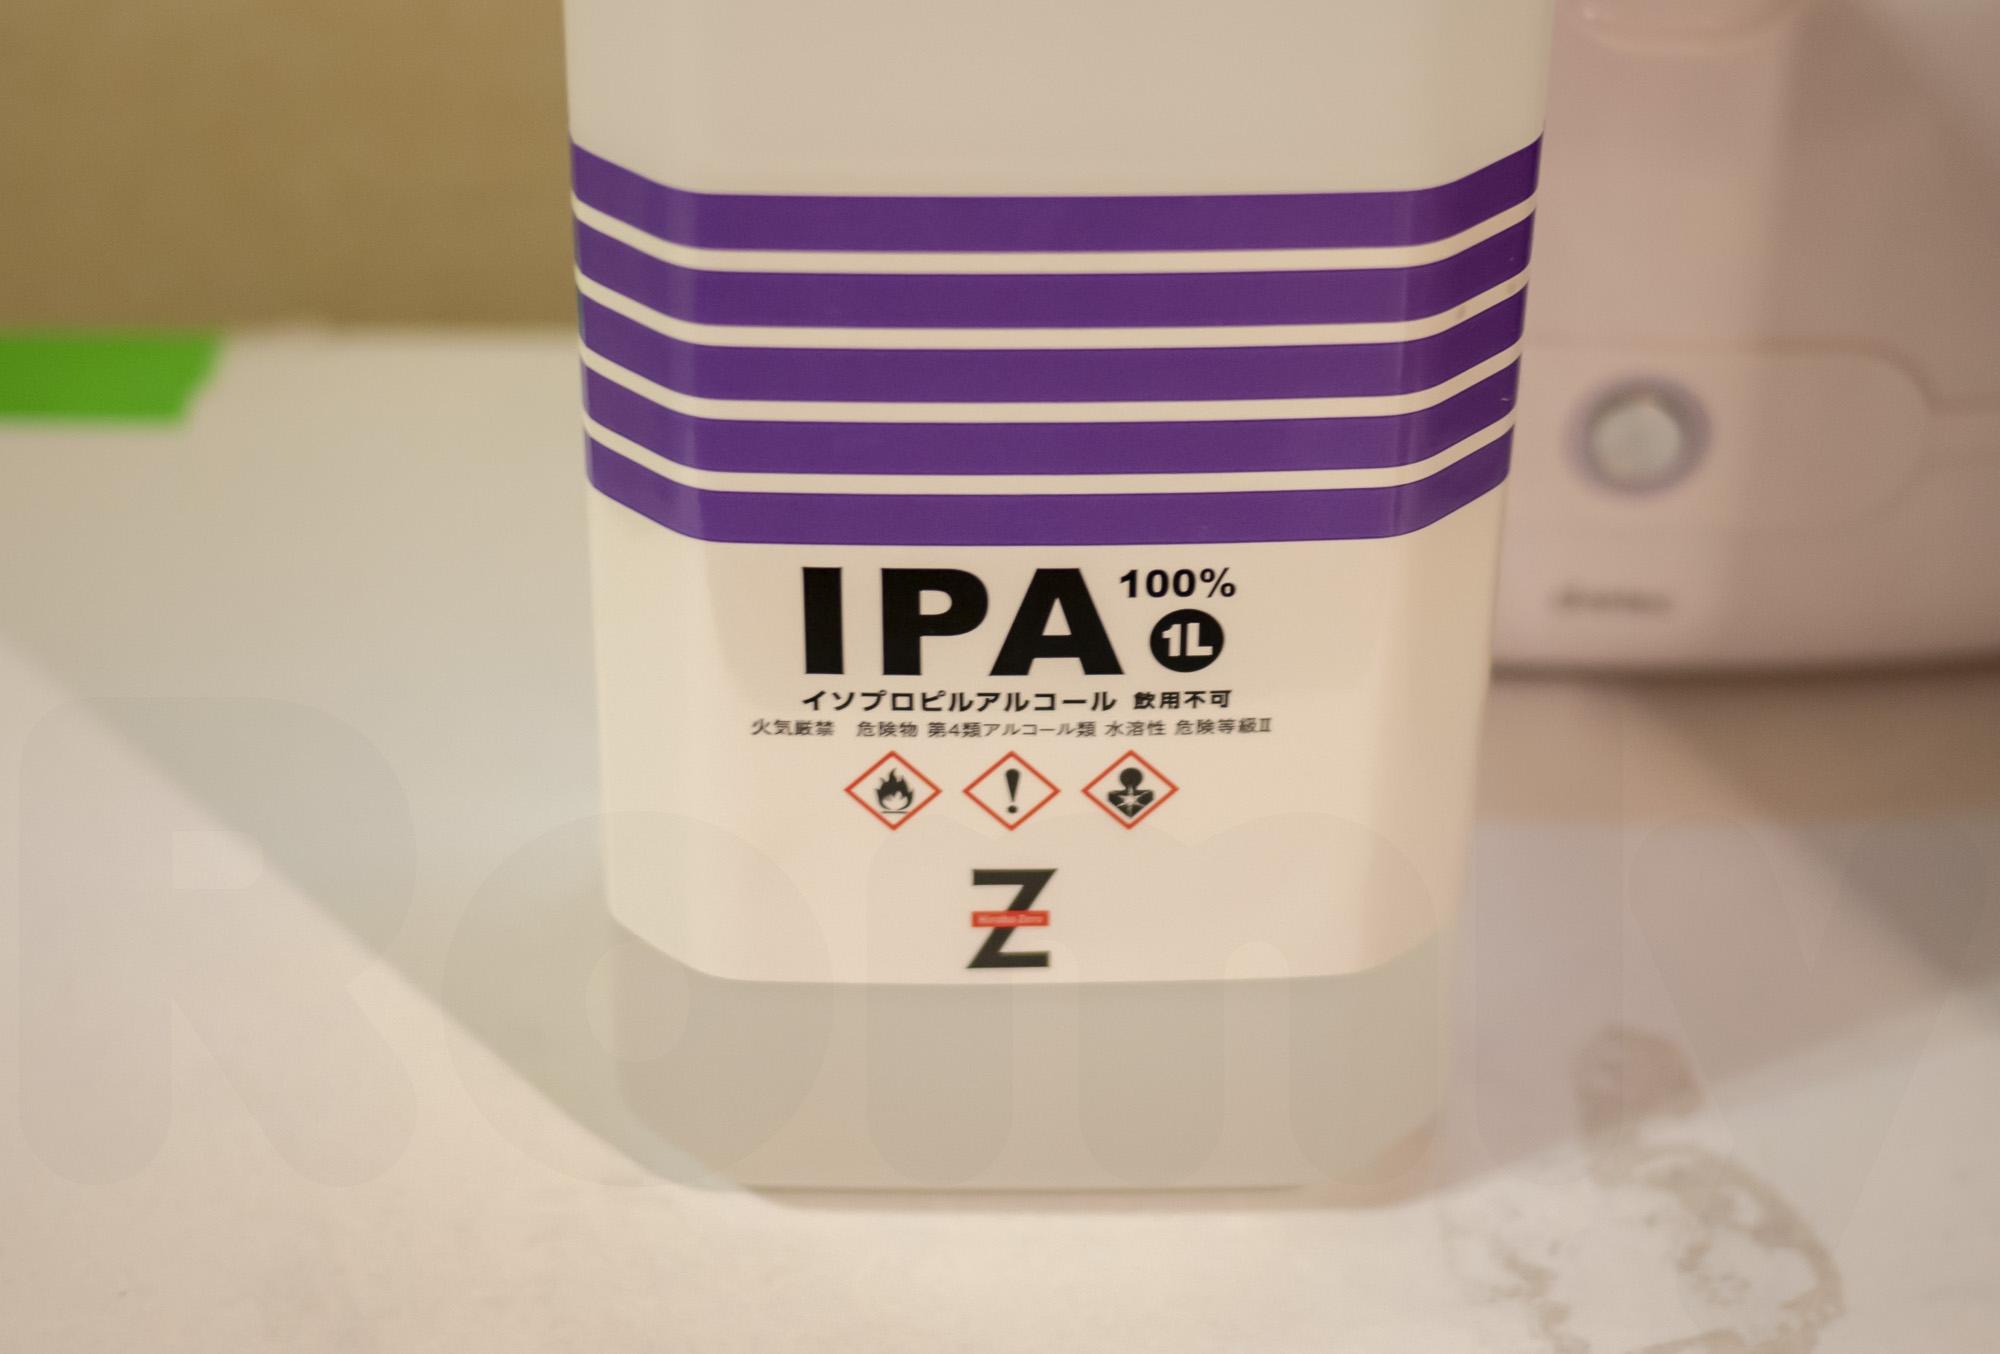 IPA(イソプロピルアルコール)